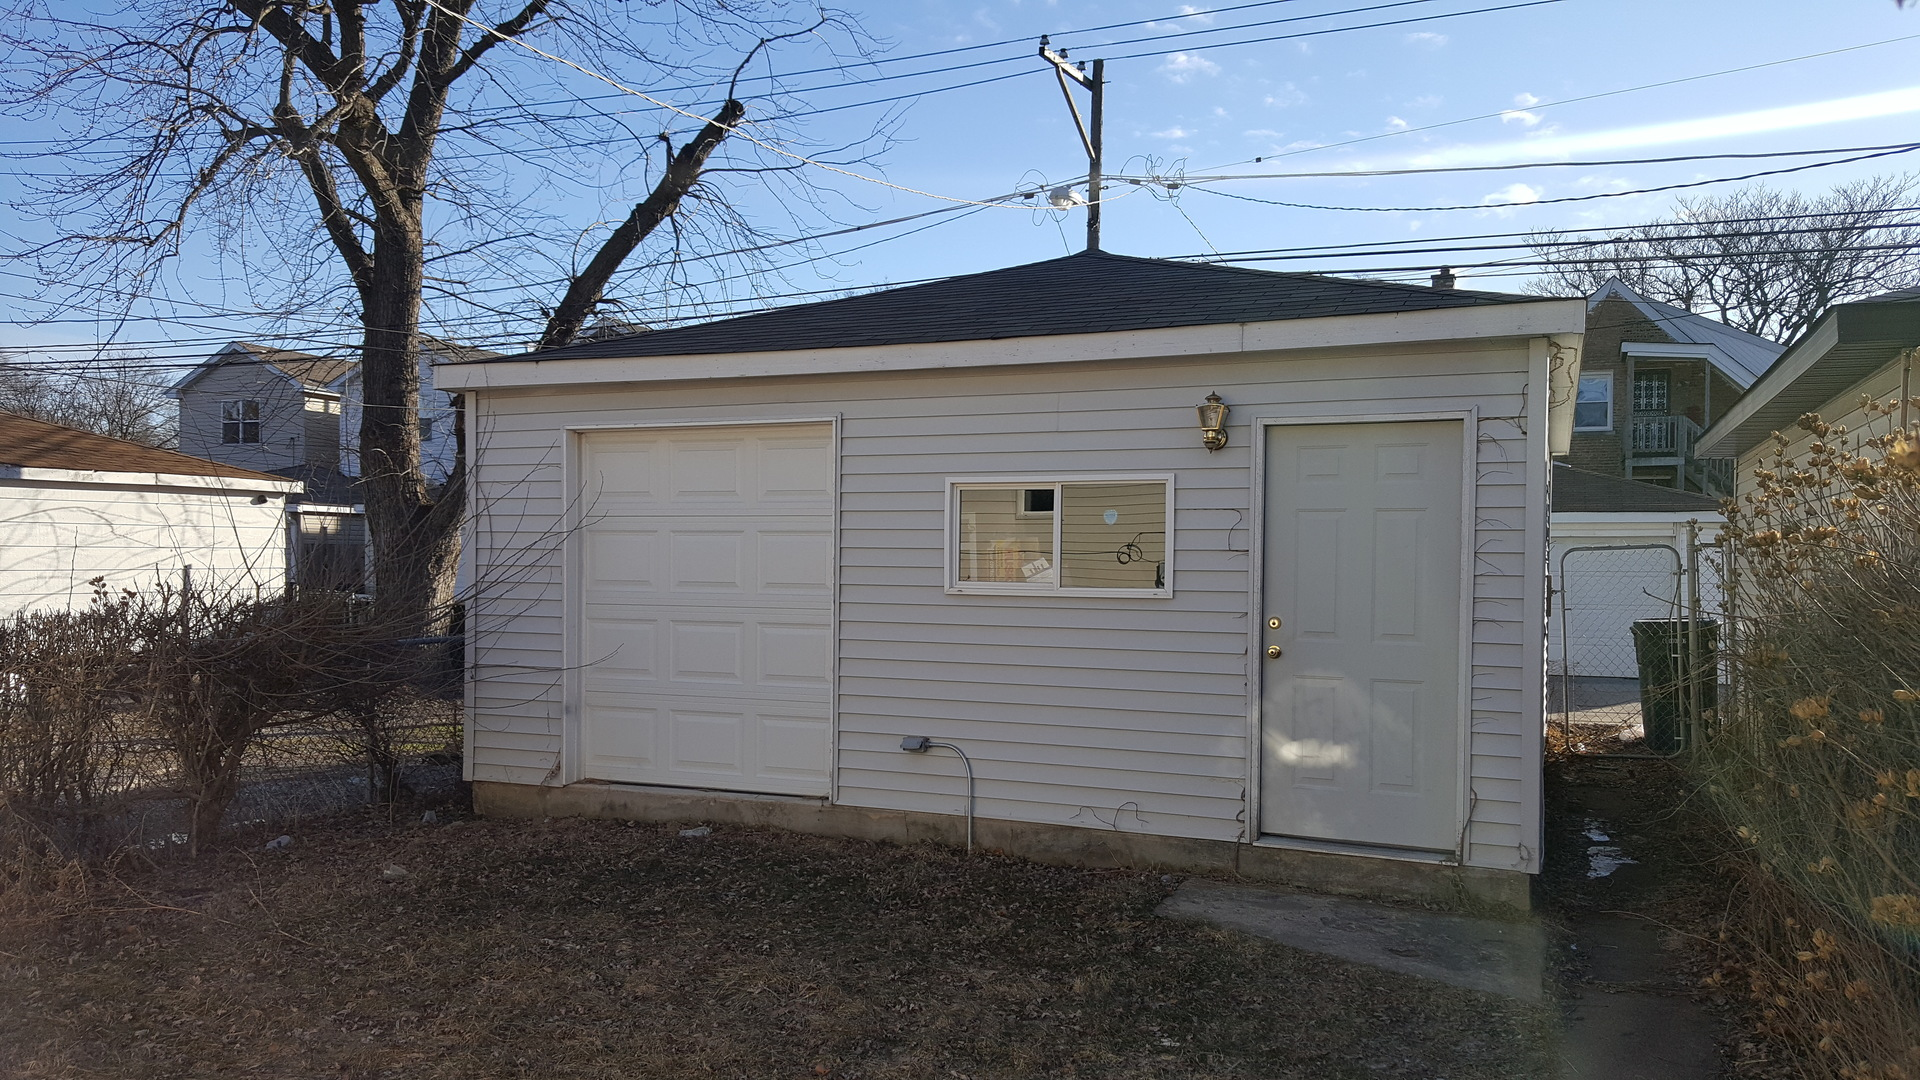 9115 South DREXEL, CHICAGO, Illinois, 60619